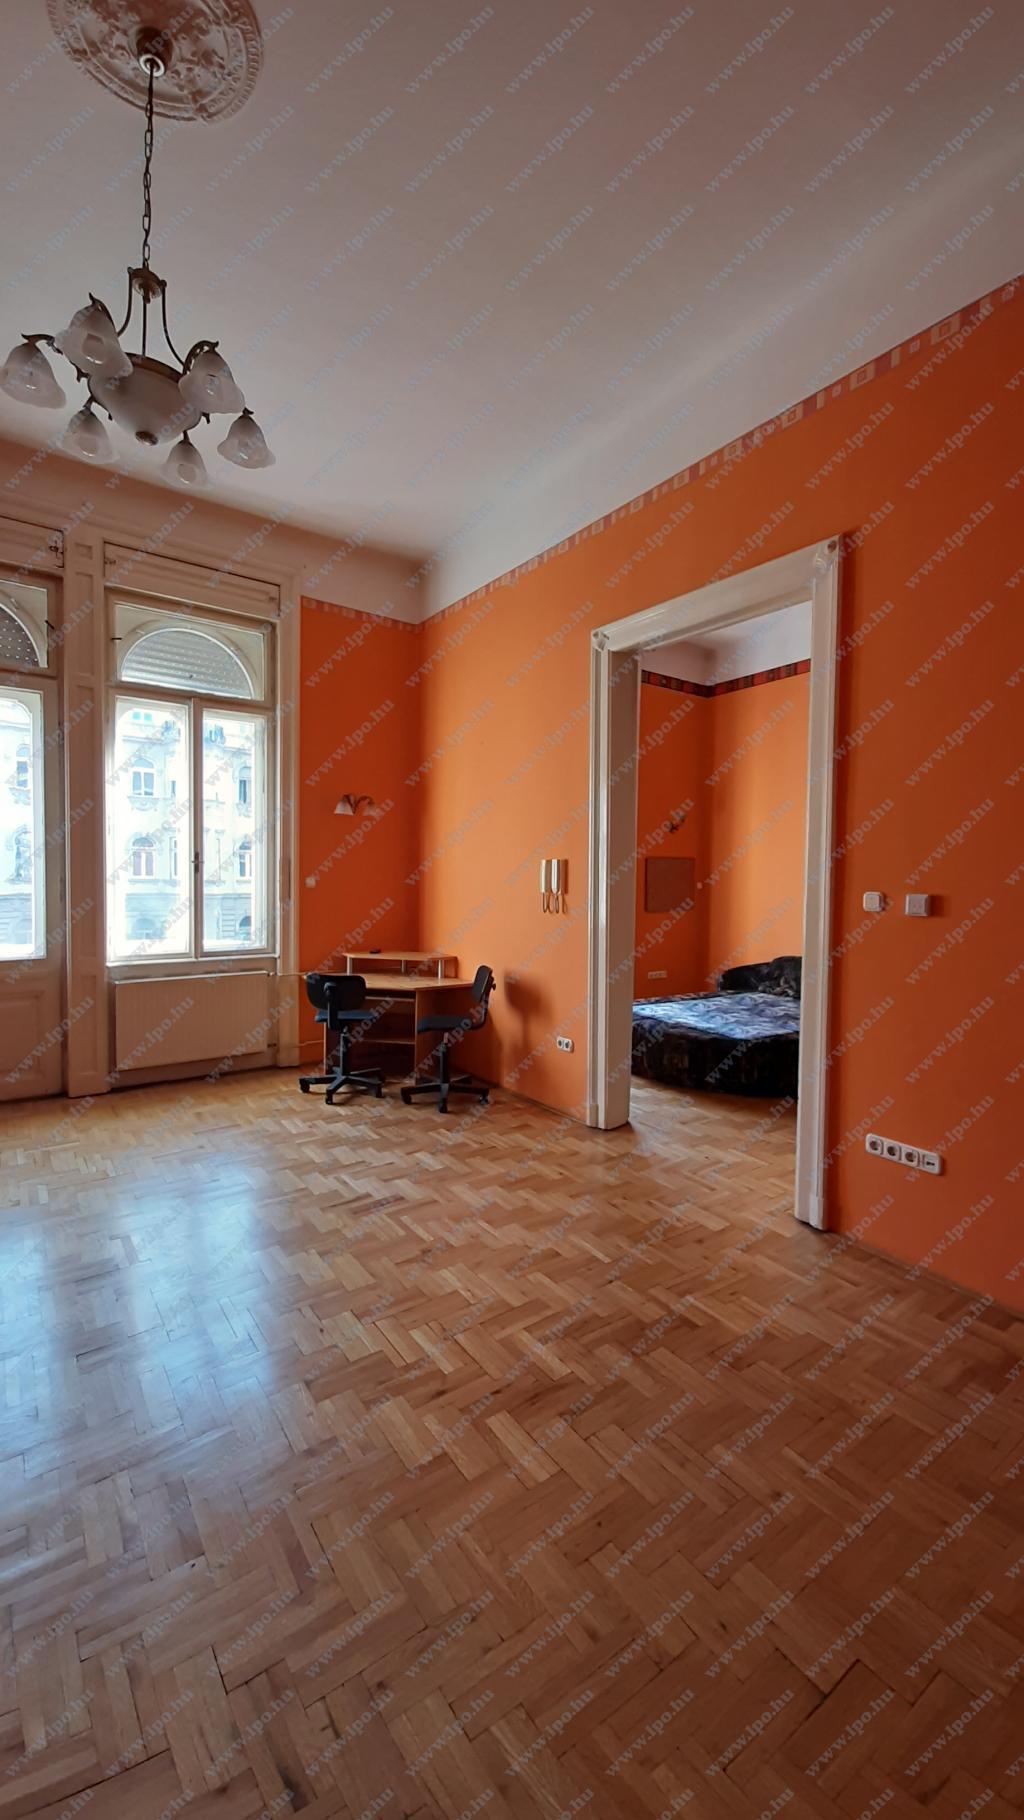 Eladó lakás 1088 Budapest József körút 95m2 59,9M Ft Ingatlan kép: 1